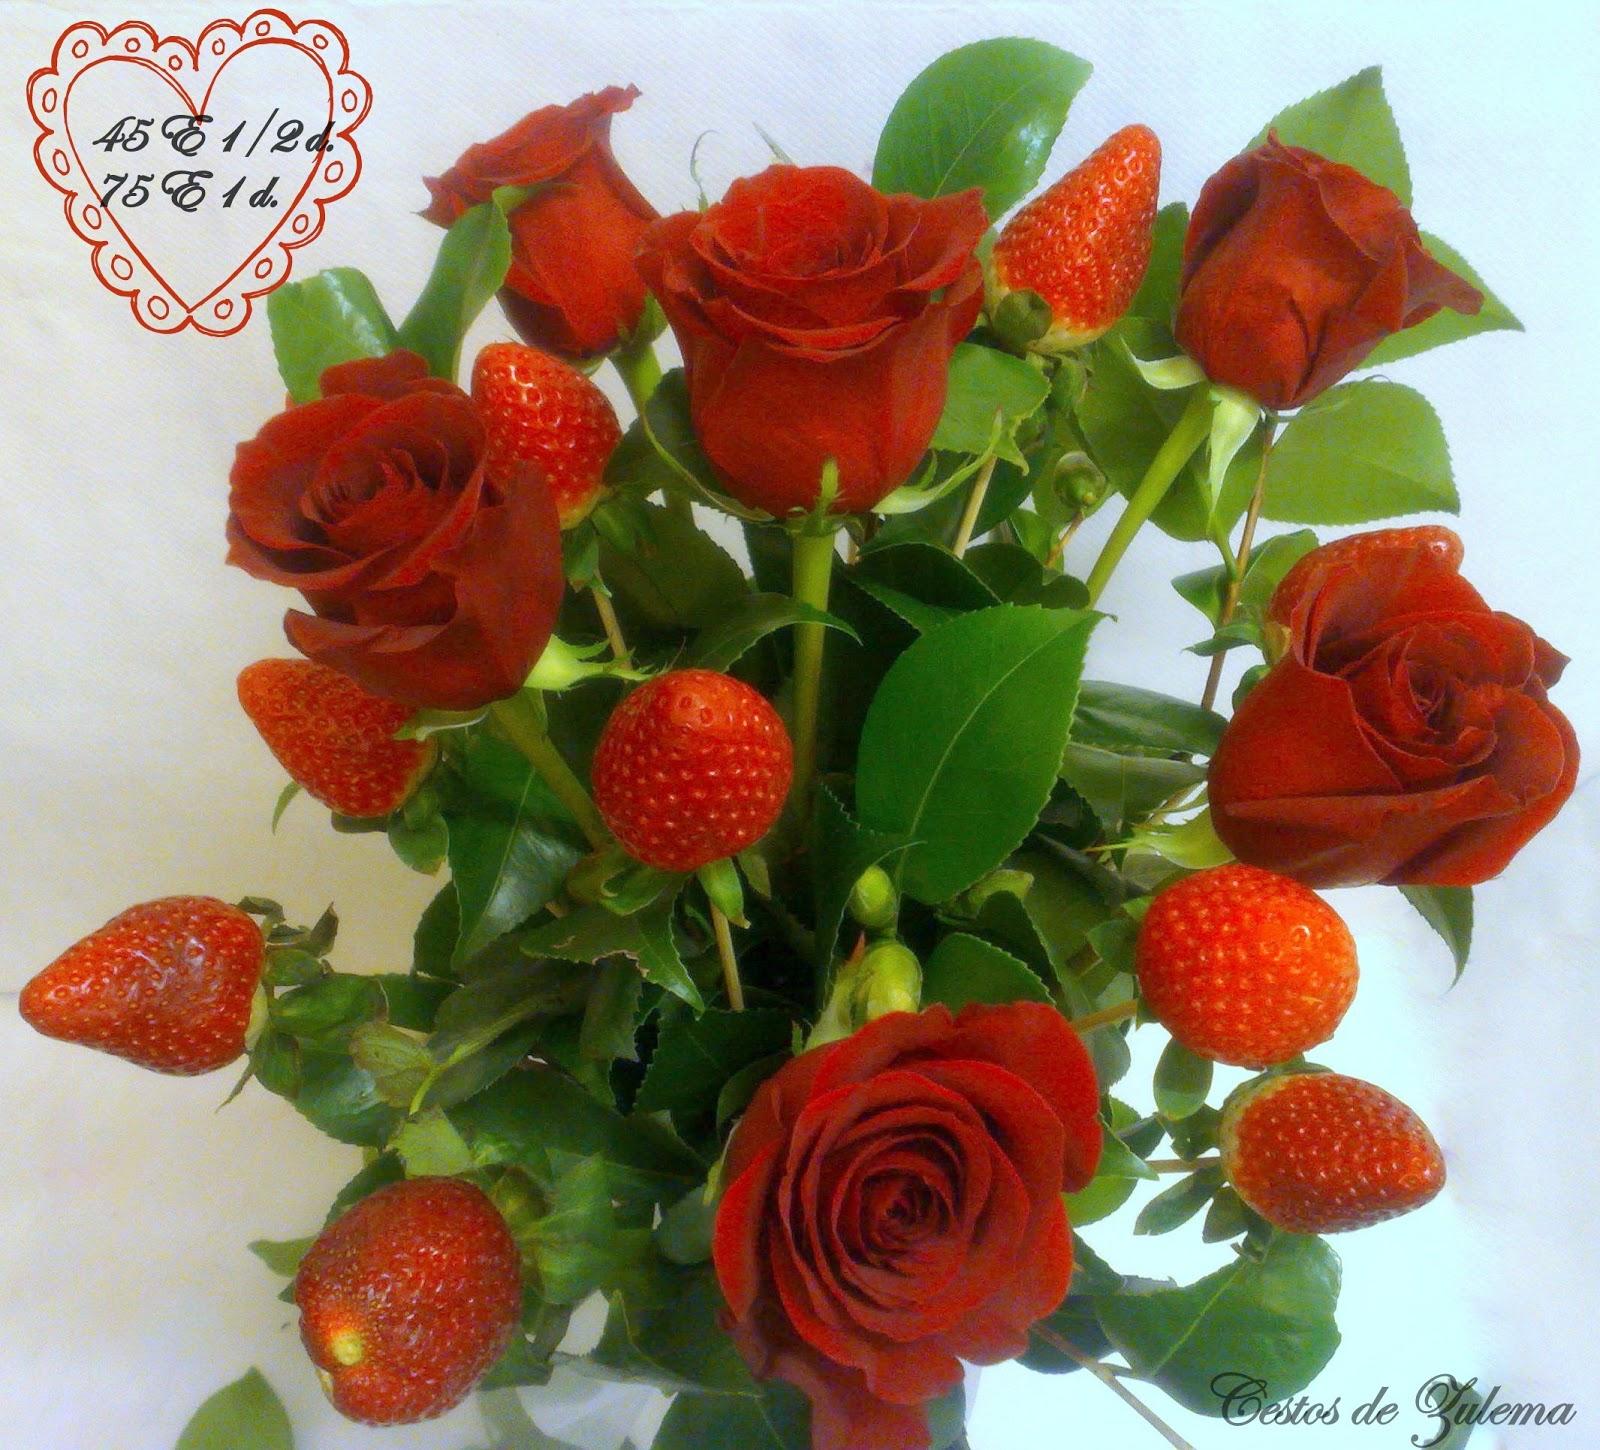 Ramo De Rosas Imagenes - Fotos de ramos de flores